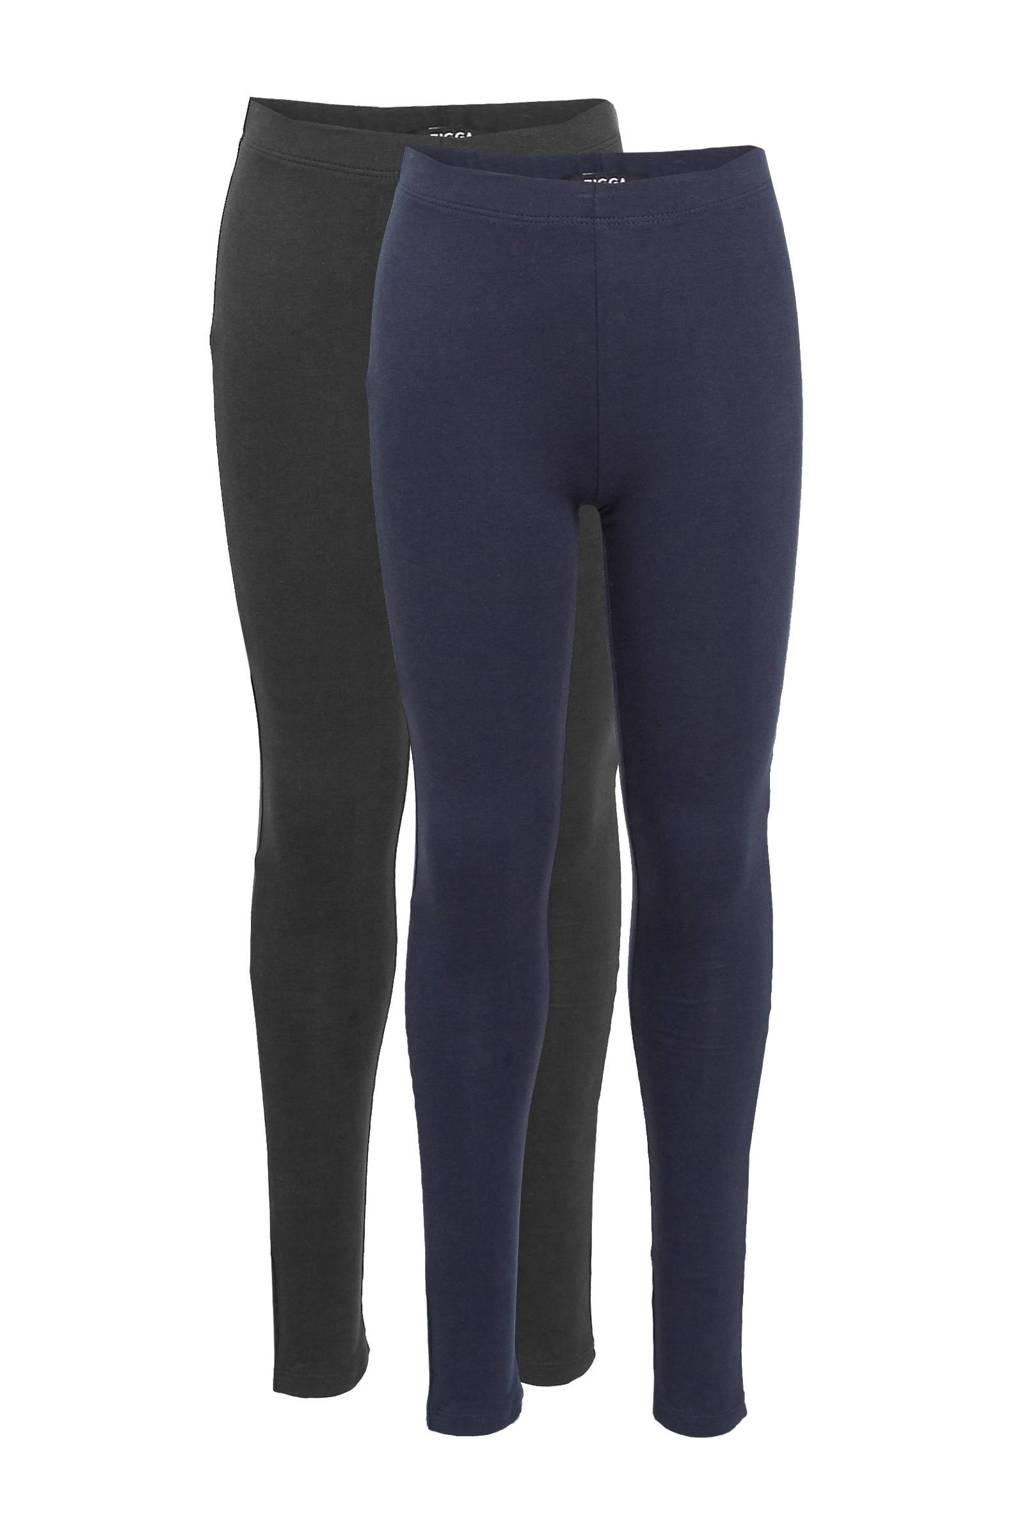 Zigga legging met biologisch katoen blauw/zwart - (set van 2), Blauw/zwart